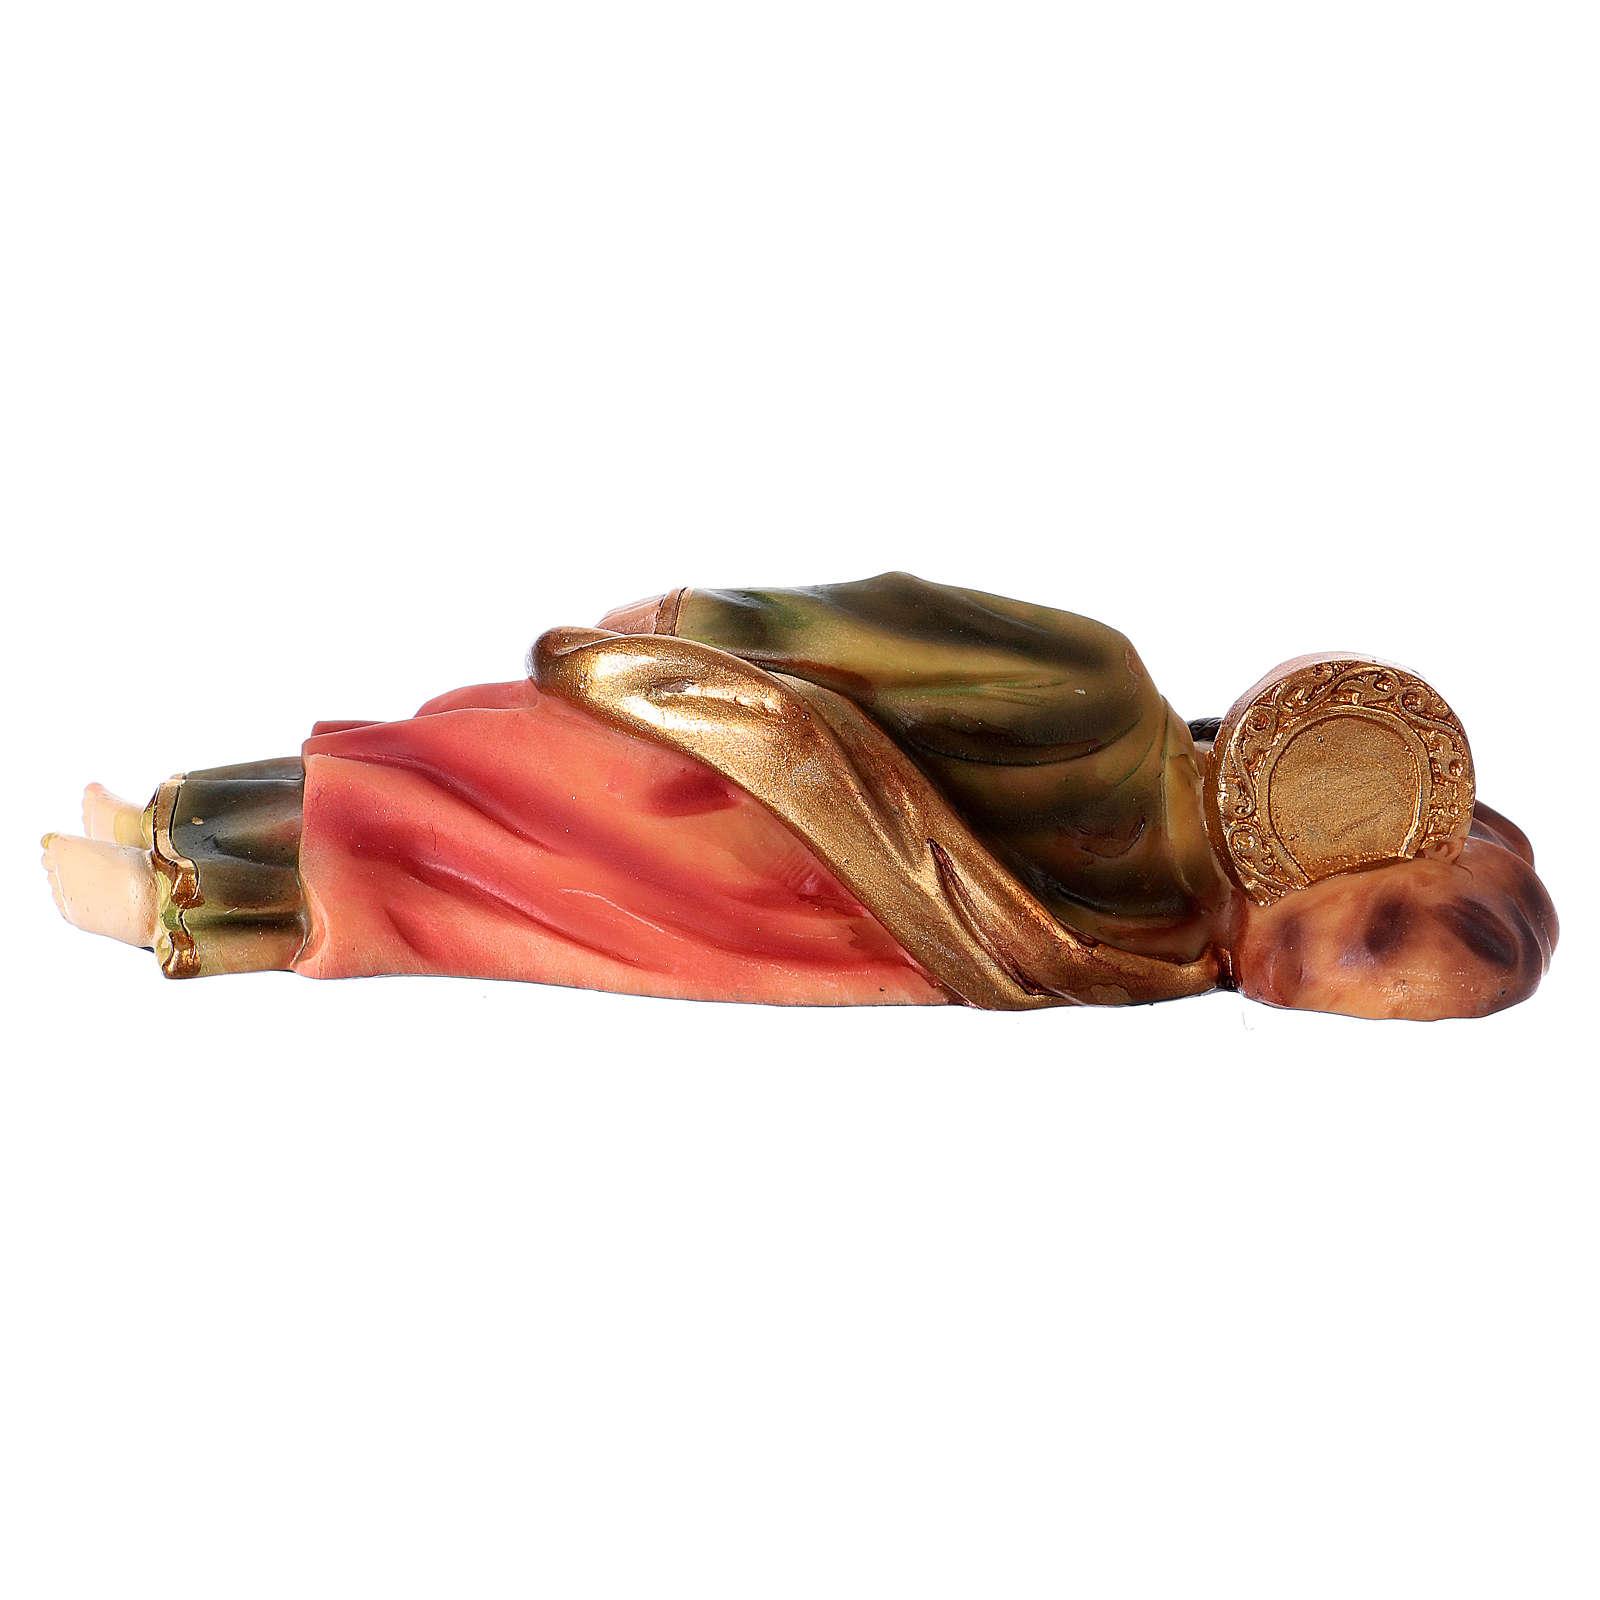 Sleeping St. Joseph in resin 12 cm 3